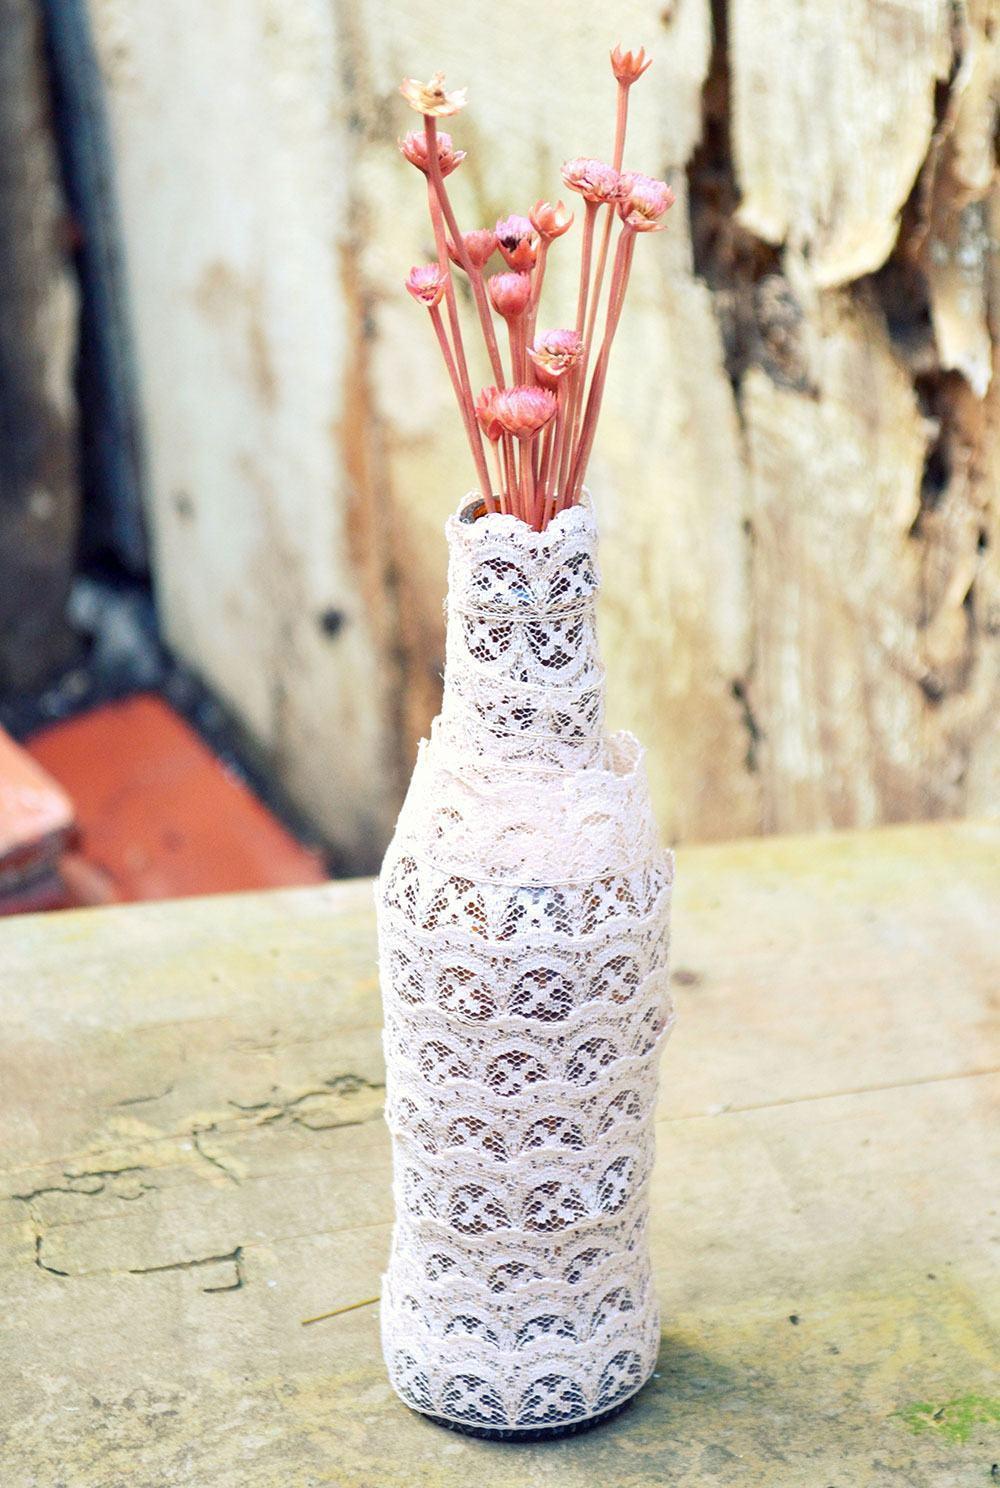 Garrafa como vaso coberta com camadas de tecido de renda